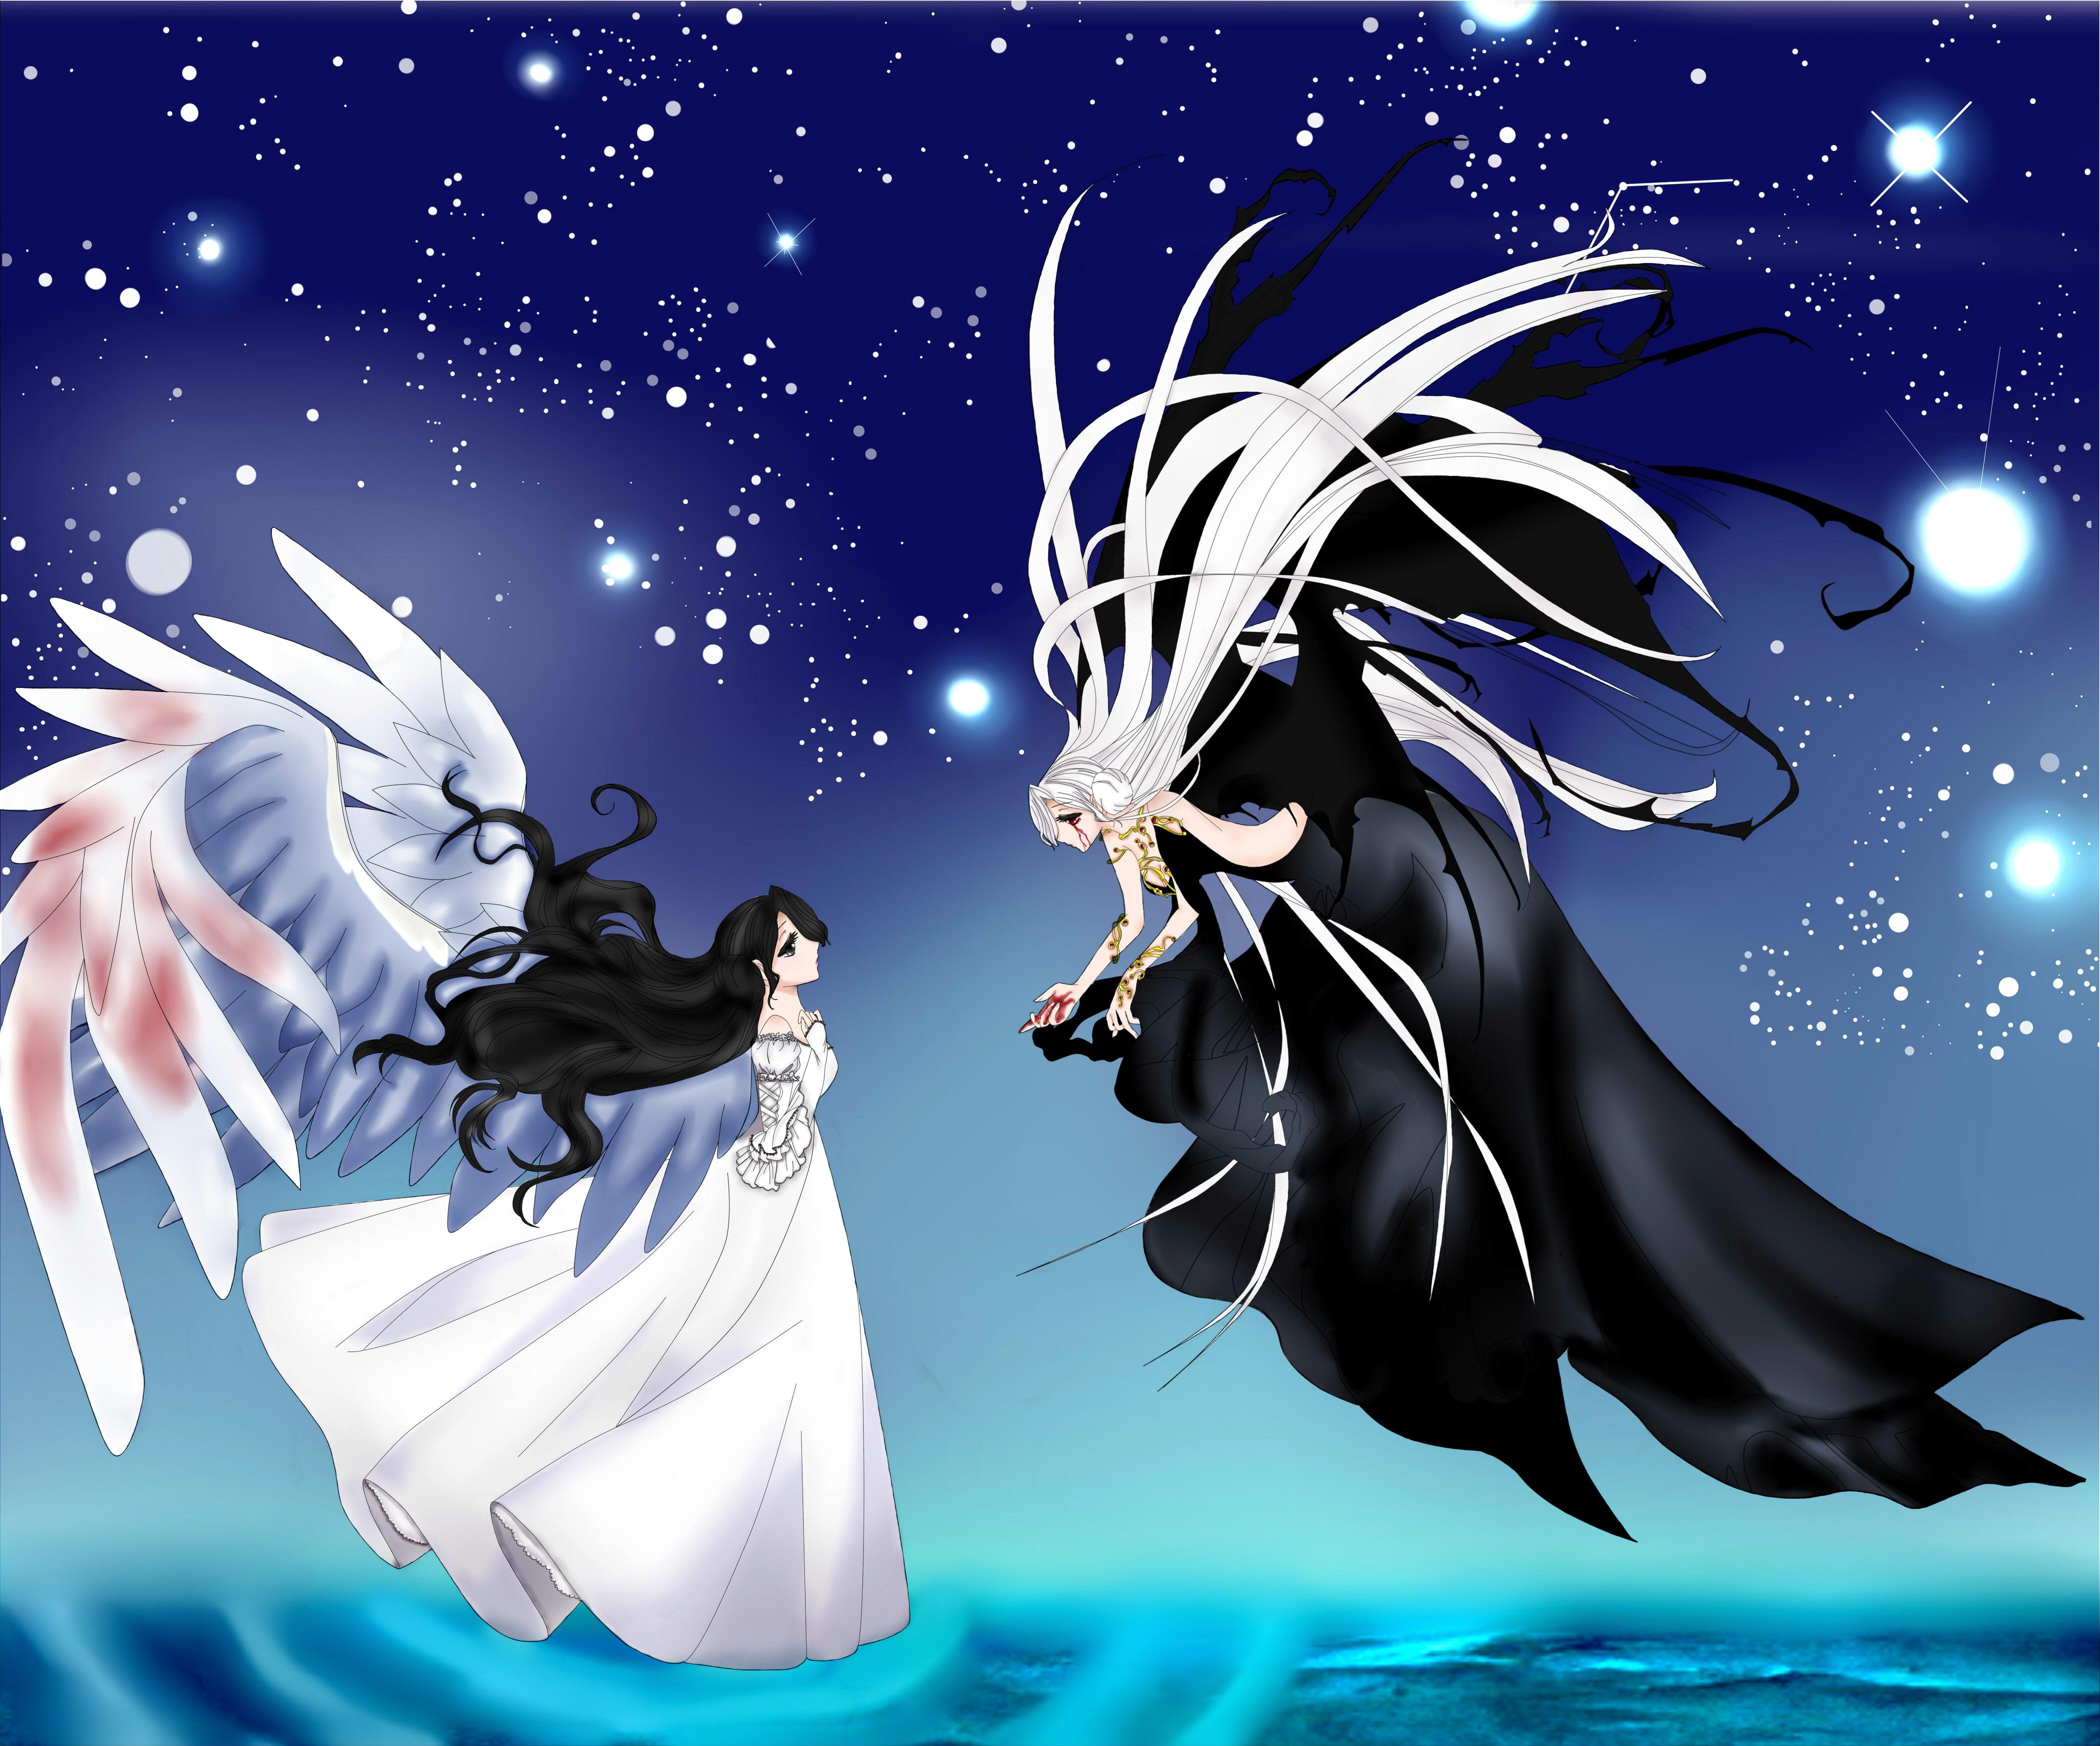 Ange et demon by lounabis on deviantart - Dessin de demon ...